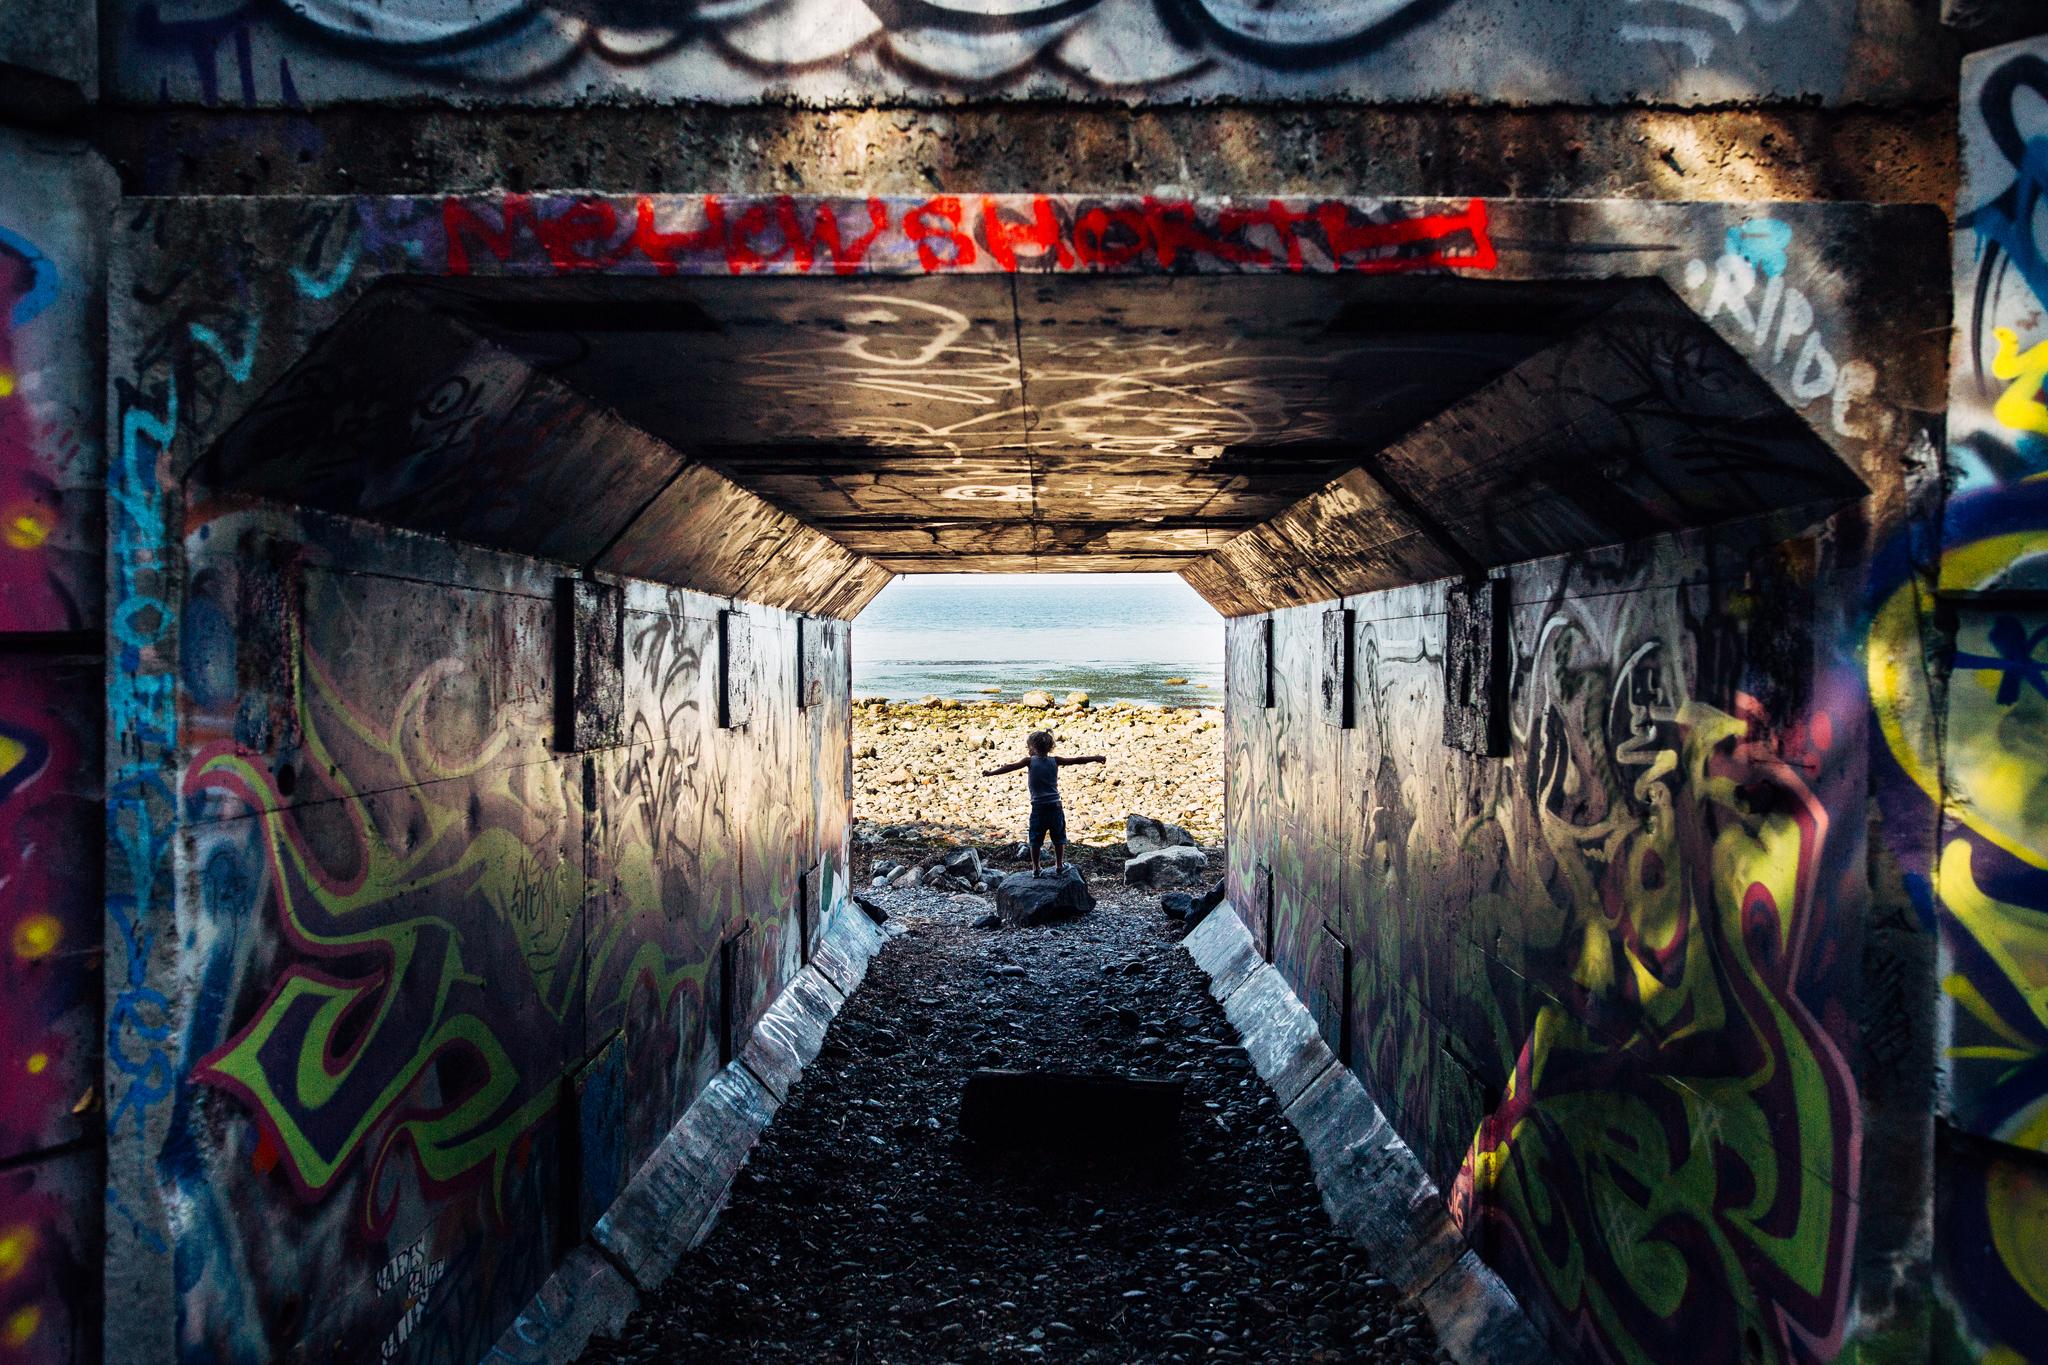 sully 1001 steps white rock tunnel-1.jpg